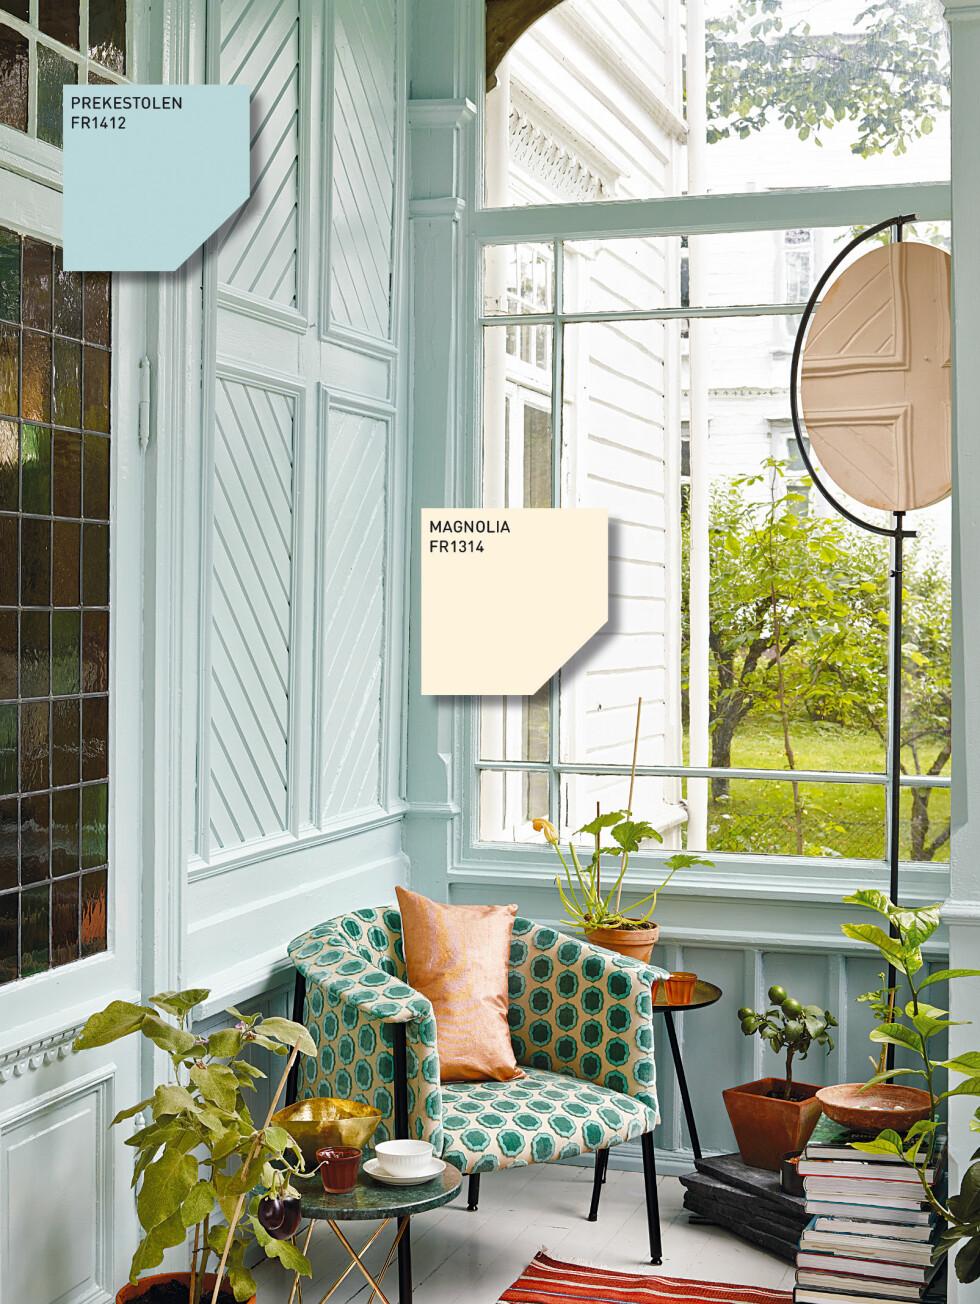 Norsk nostalgi - Verandaen er malt i en av de lyseste blågrønne nyansene fra Fargerike, Prekestolen. Gylne metaller, terracottafarger er fine aksentfarger.  Foto: Fargerike